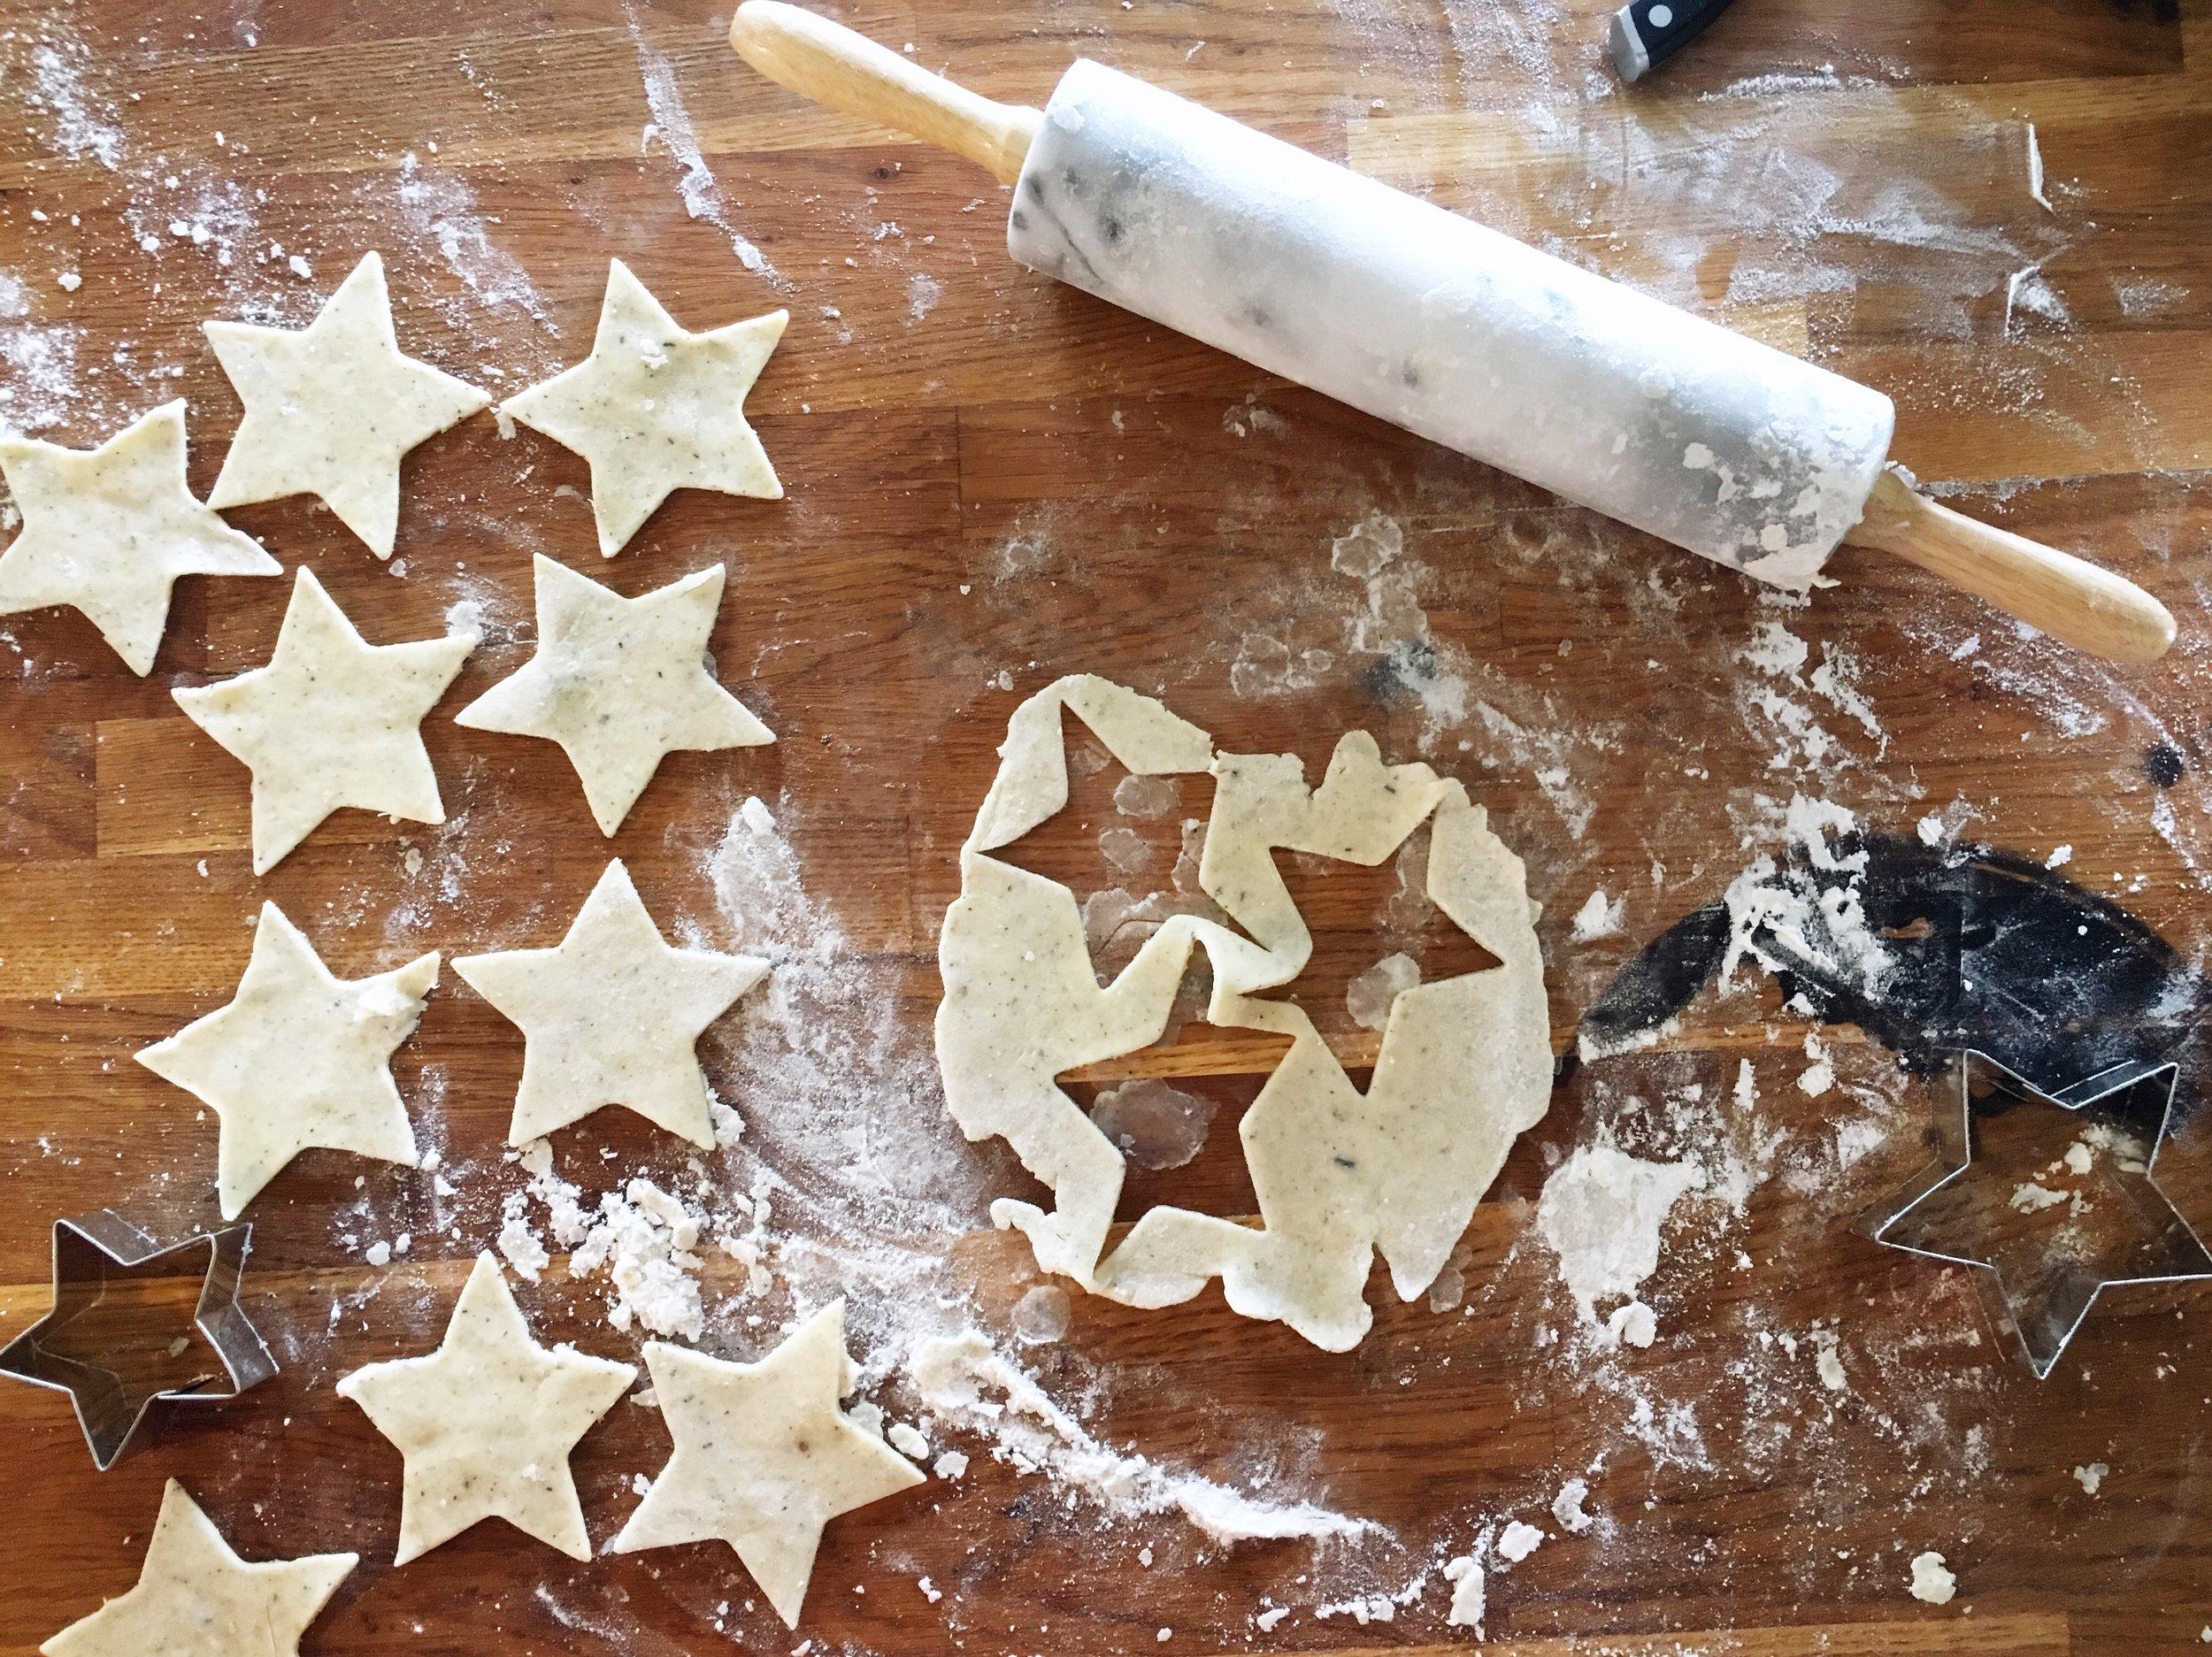 Lady grey tea pie crust cut into star shapes.